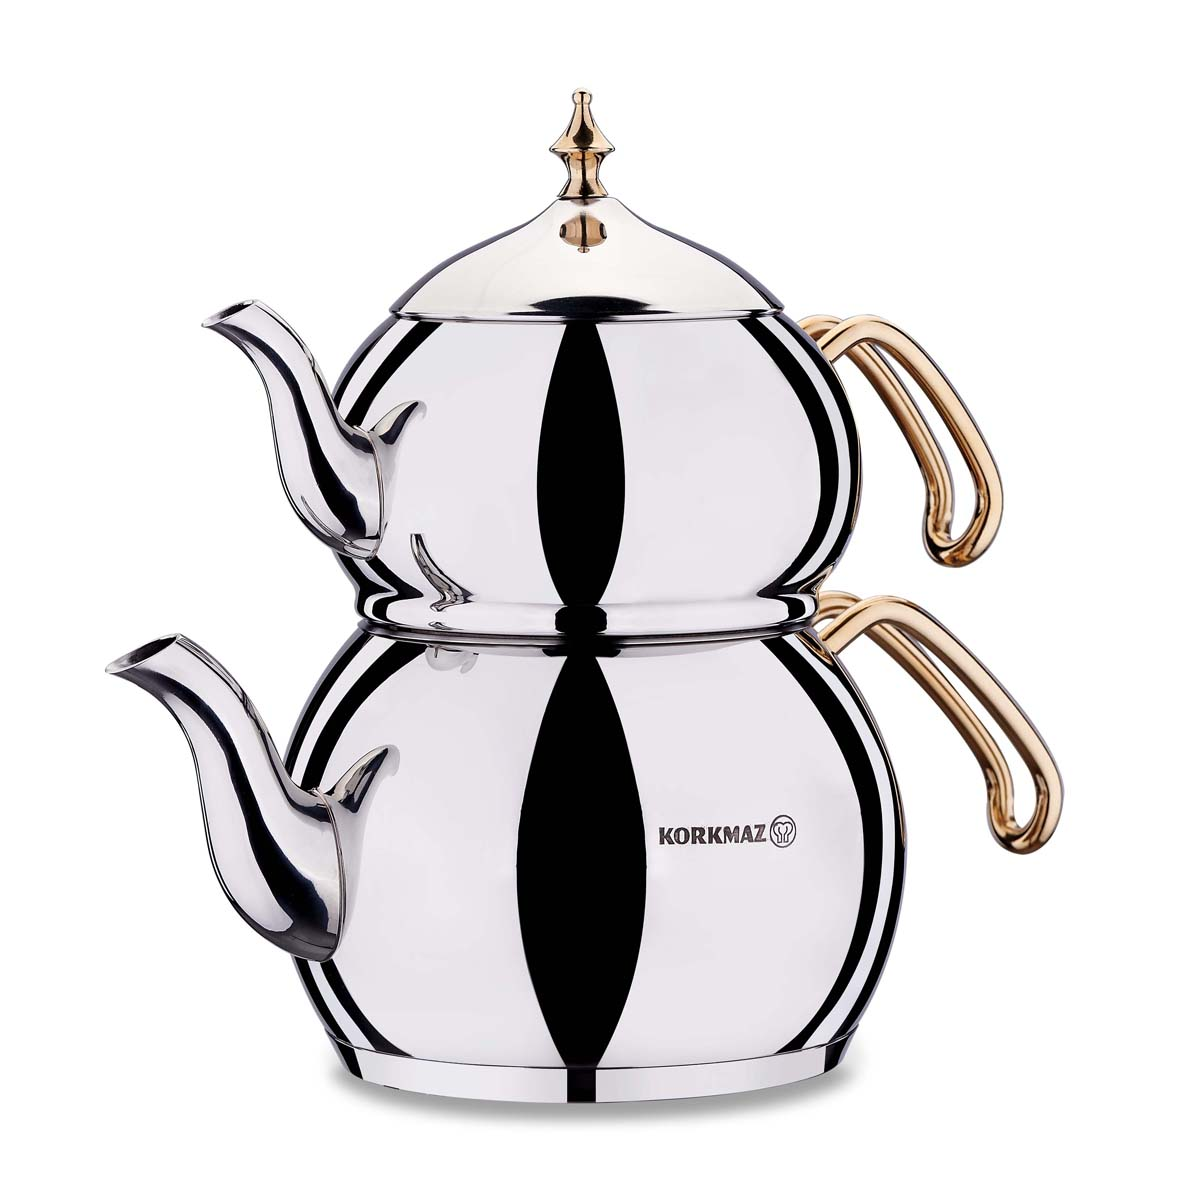 Korkmaz Hanedan Gold Çaydanlık Takımı